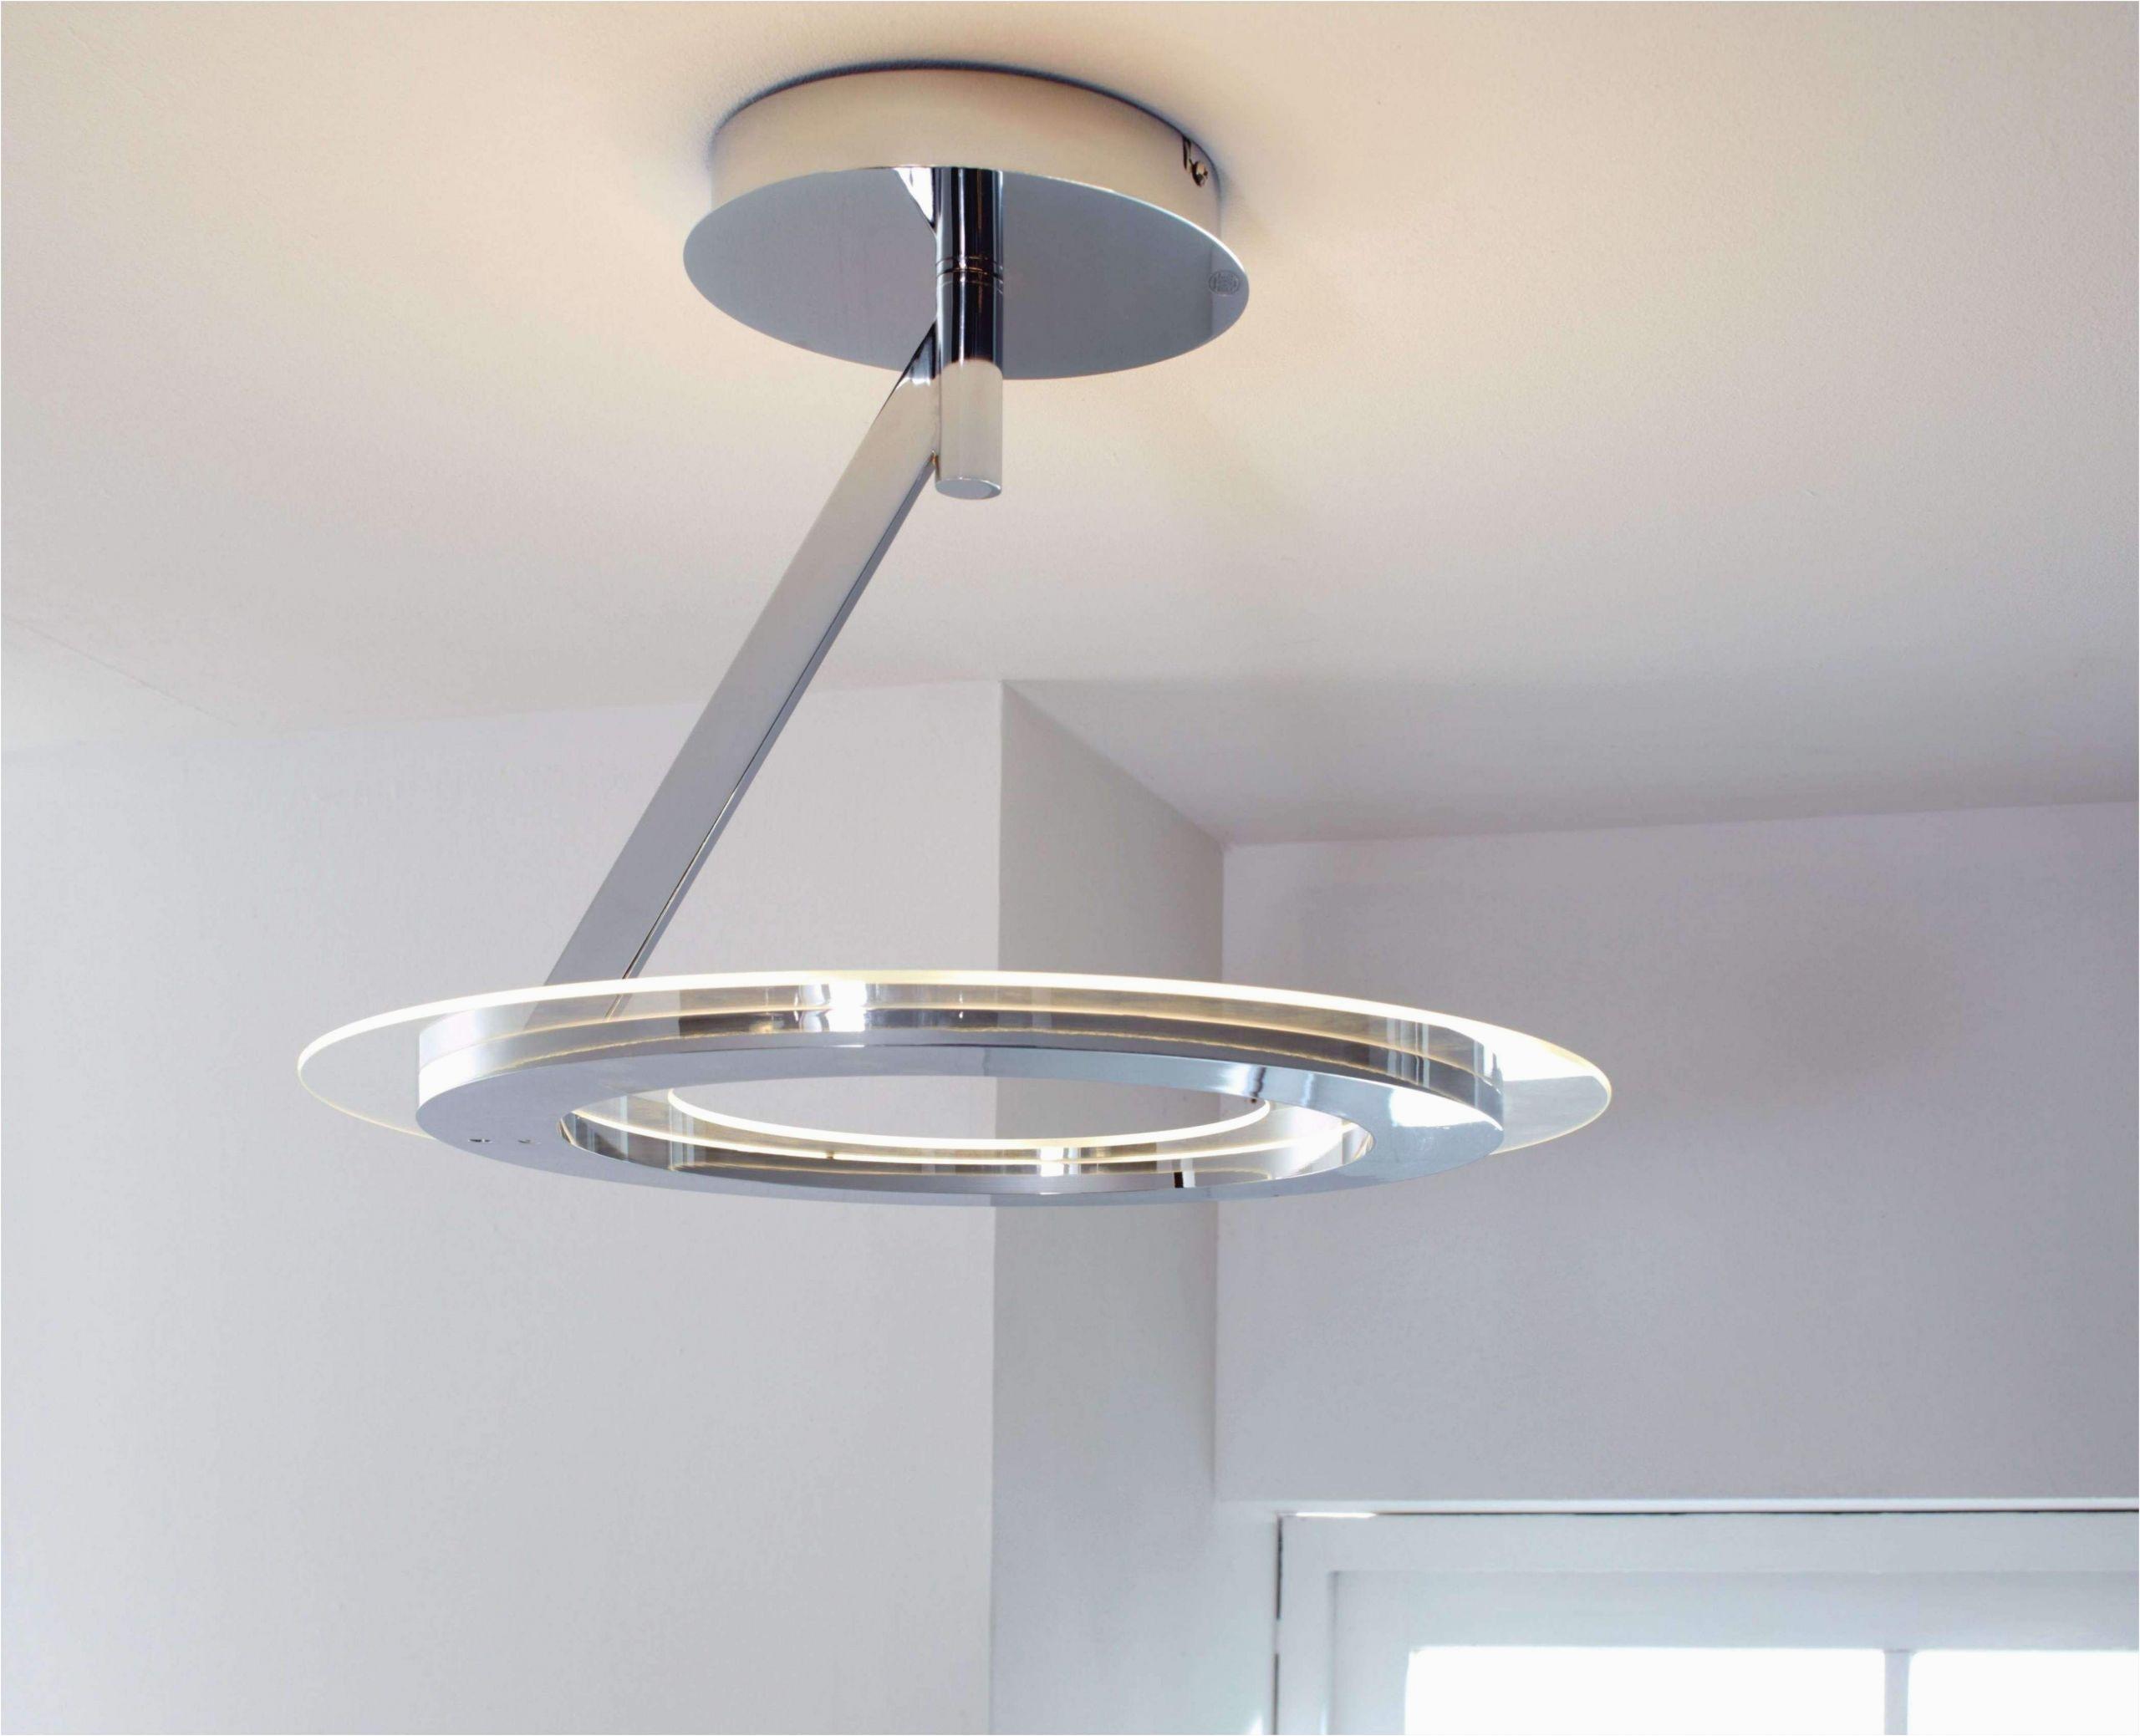 Gebrauchte Schlafzimmer Lampen 36 Schön Wohnzimmer Lampe Led Genial